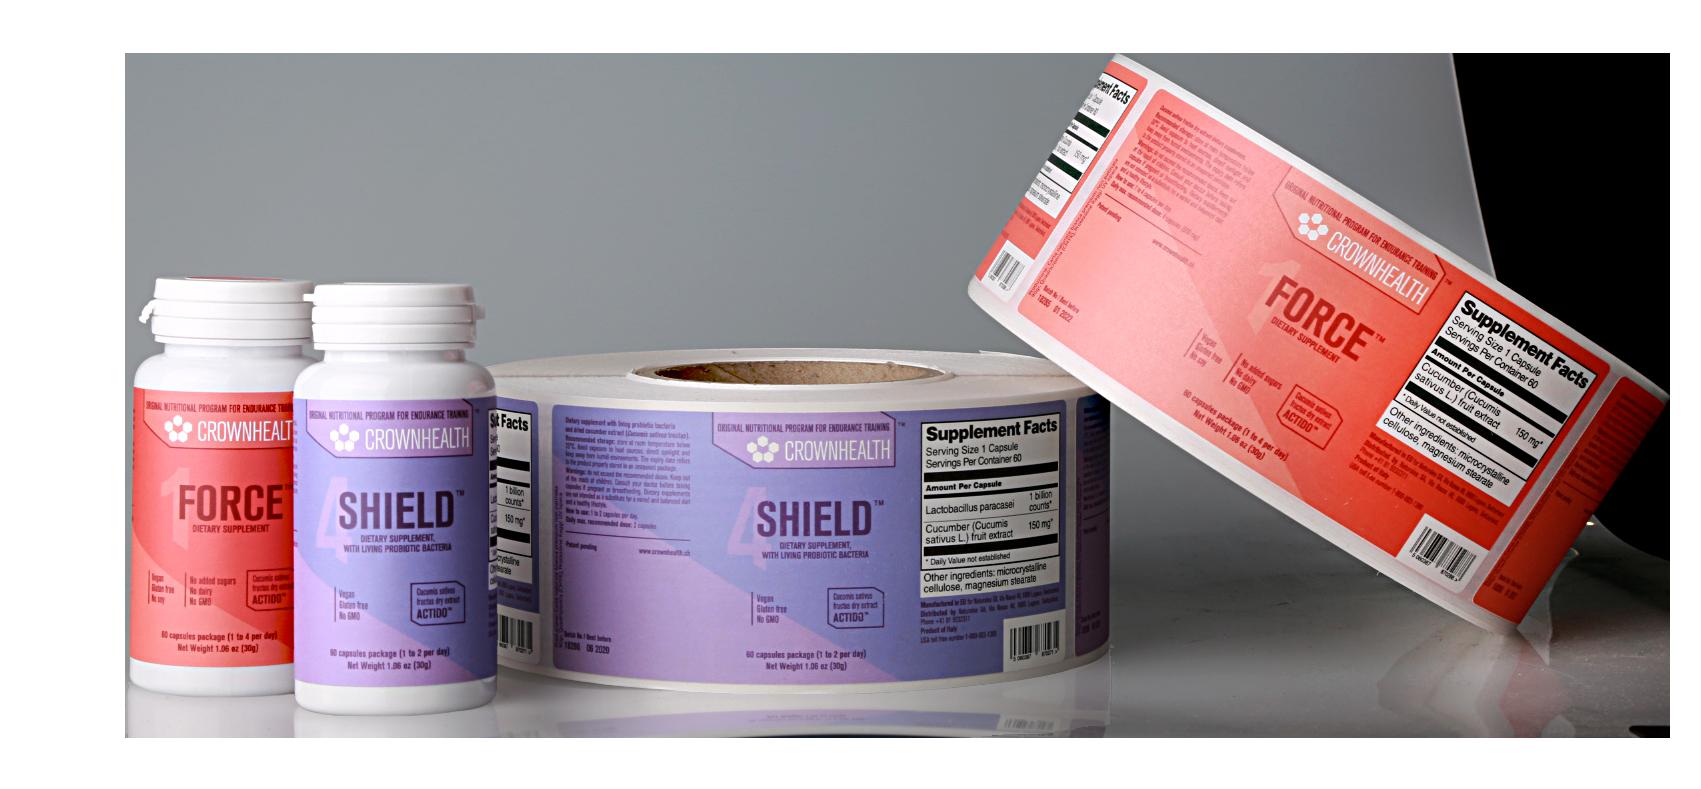 Etichette per integratori Crownhealth